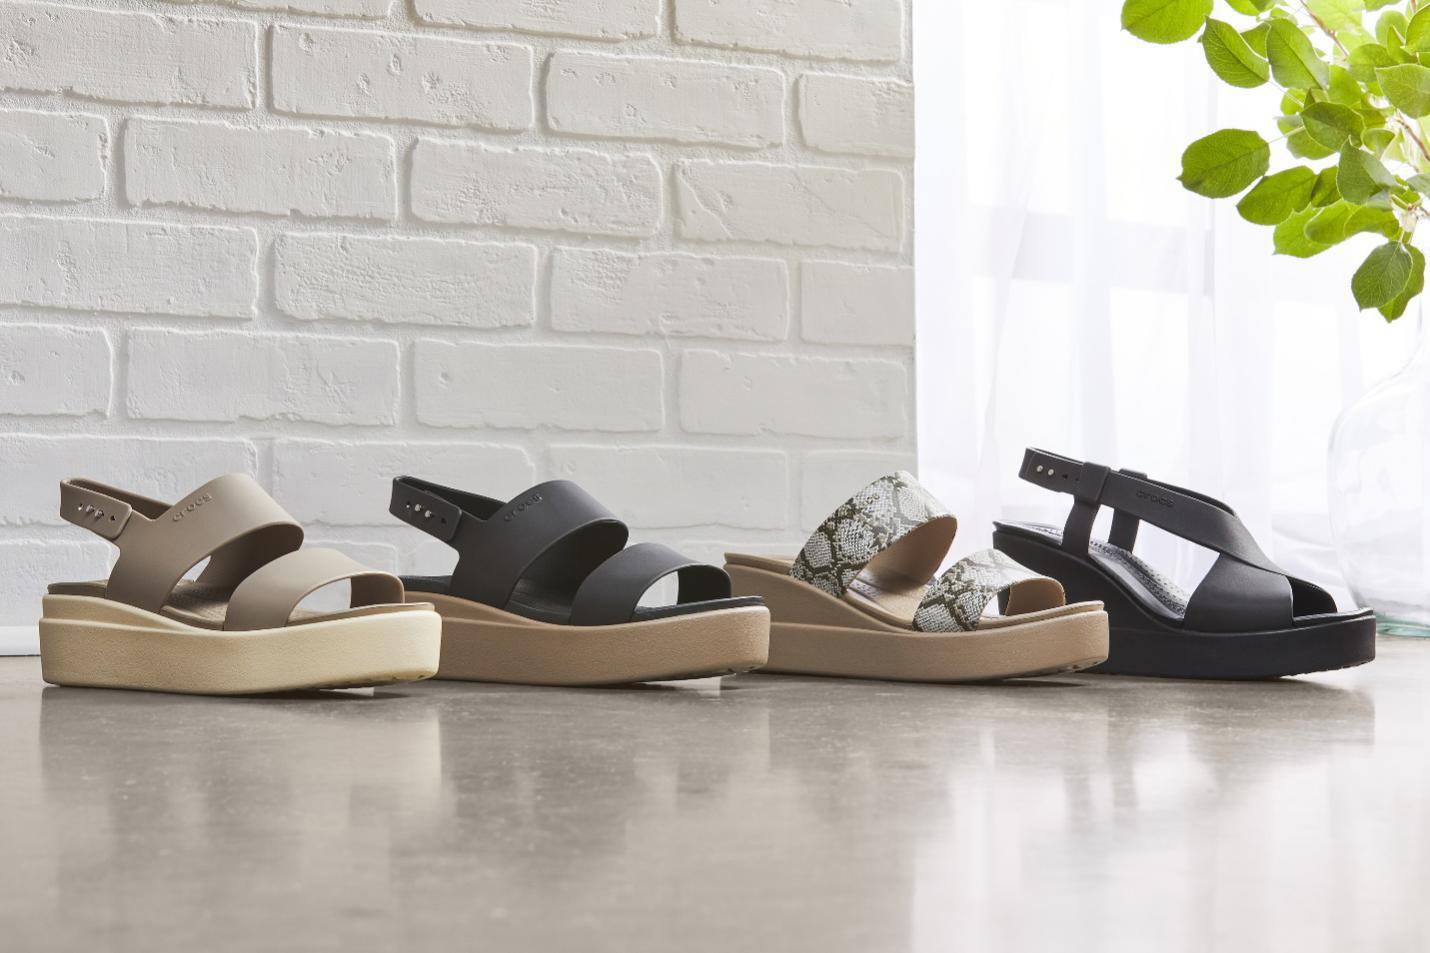 Ơn giời, đôi giày đáng mong đợi nhất của phái đẹp đã xuất hiện, cao gót nhưng không đau chân, cá tính và hơn thế nữa - Ảnh 4.